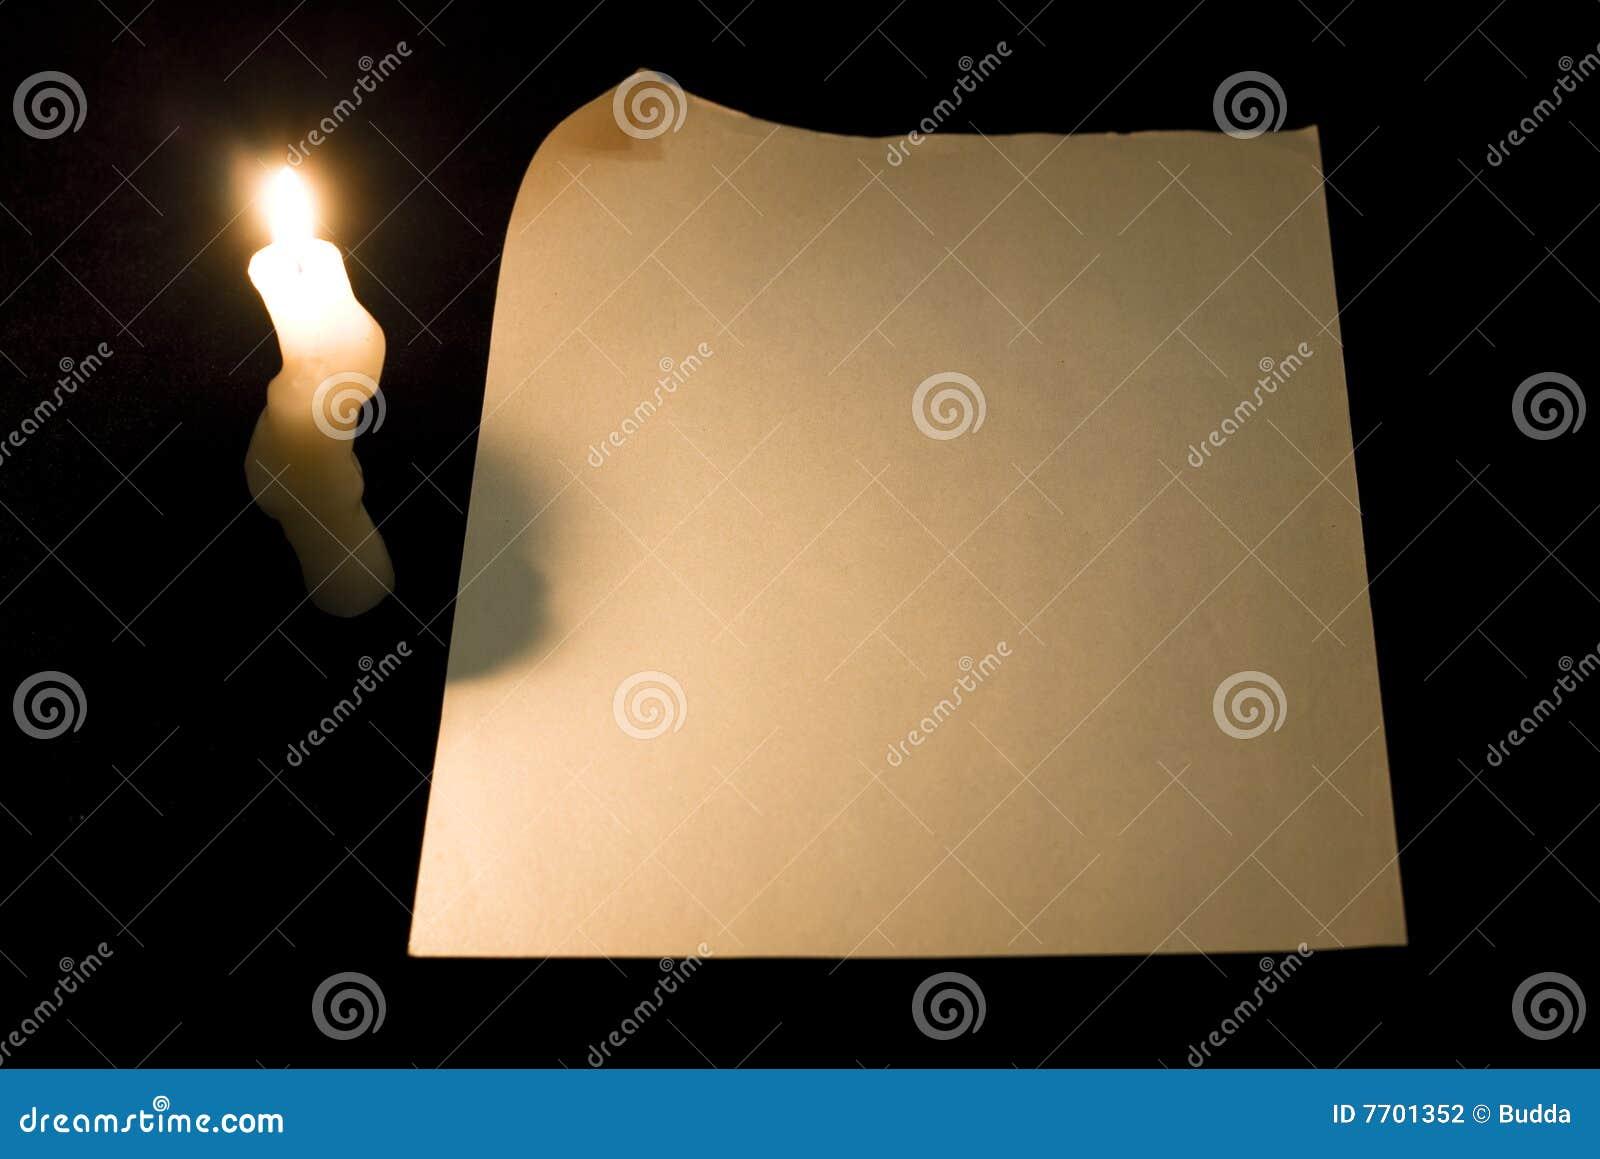 De pagina van het document met krul en kaars